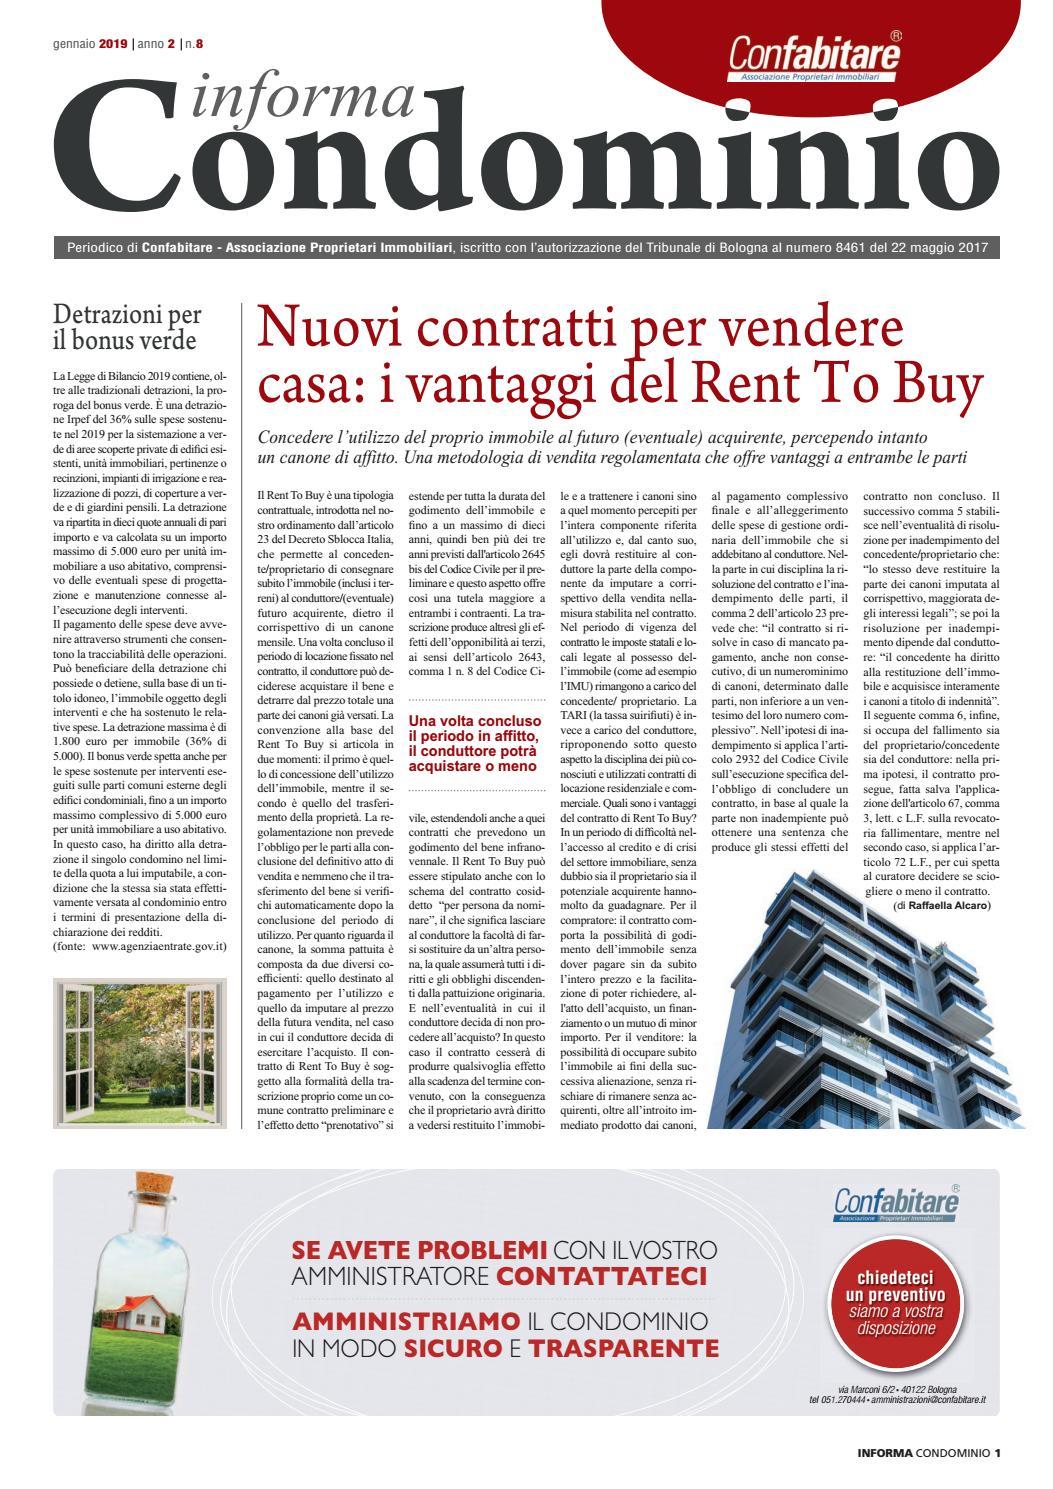 Rete Per Gatti Condominio informa condominio n.8 by kore edizioni - issuu